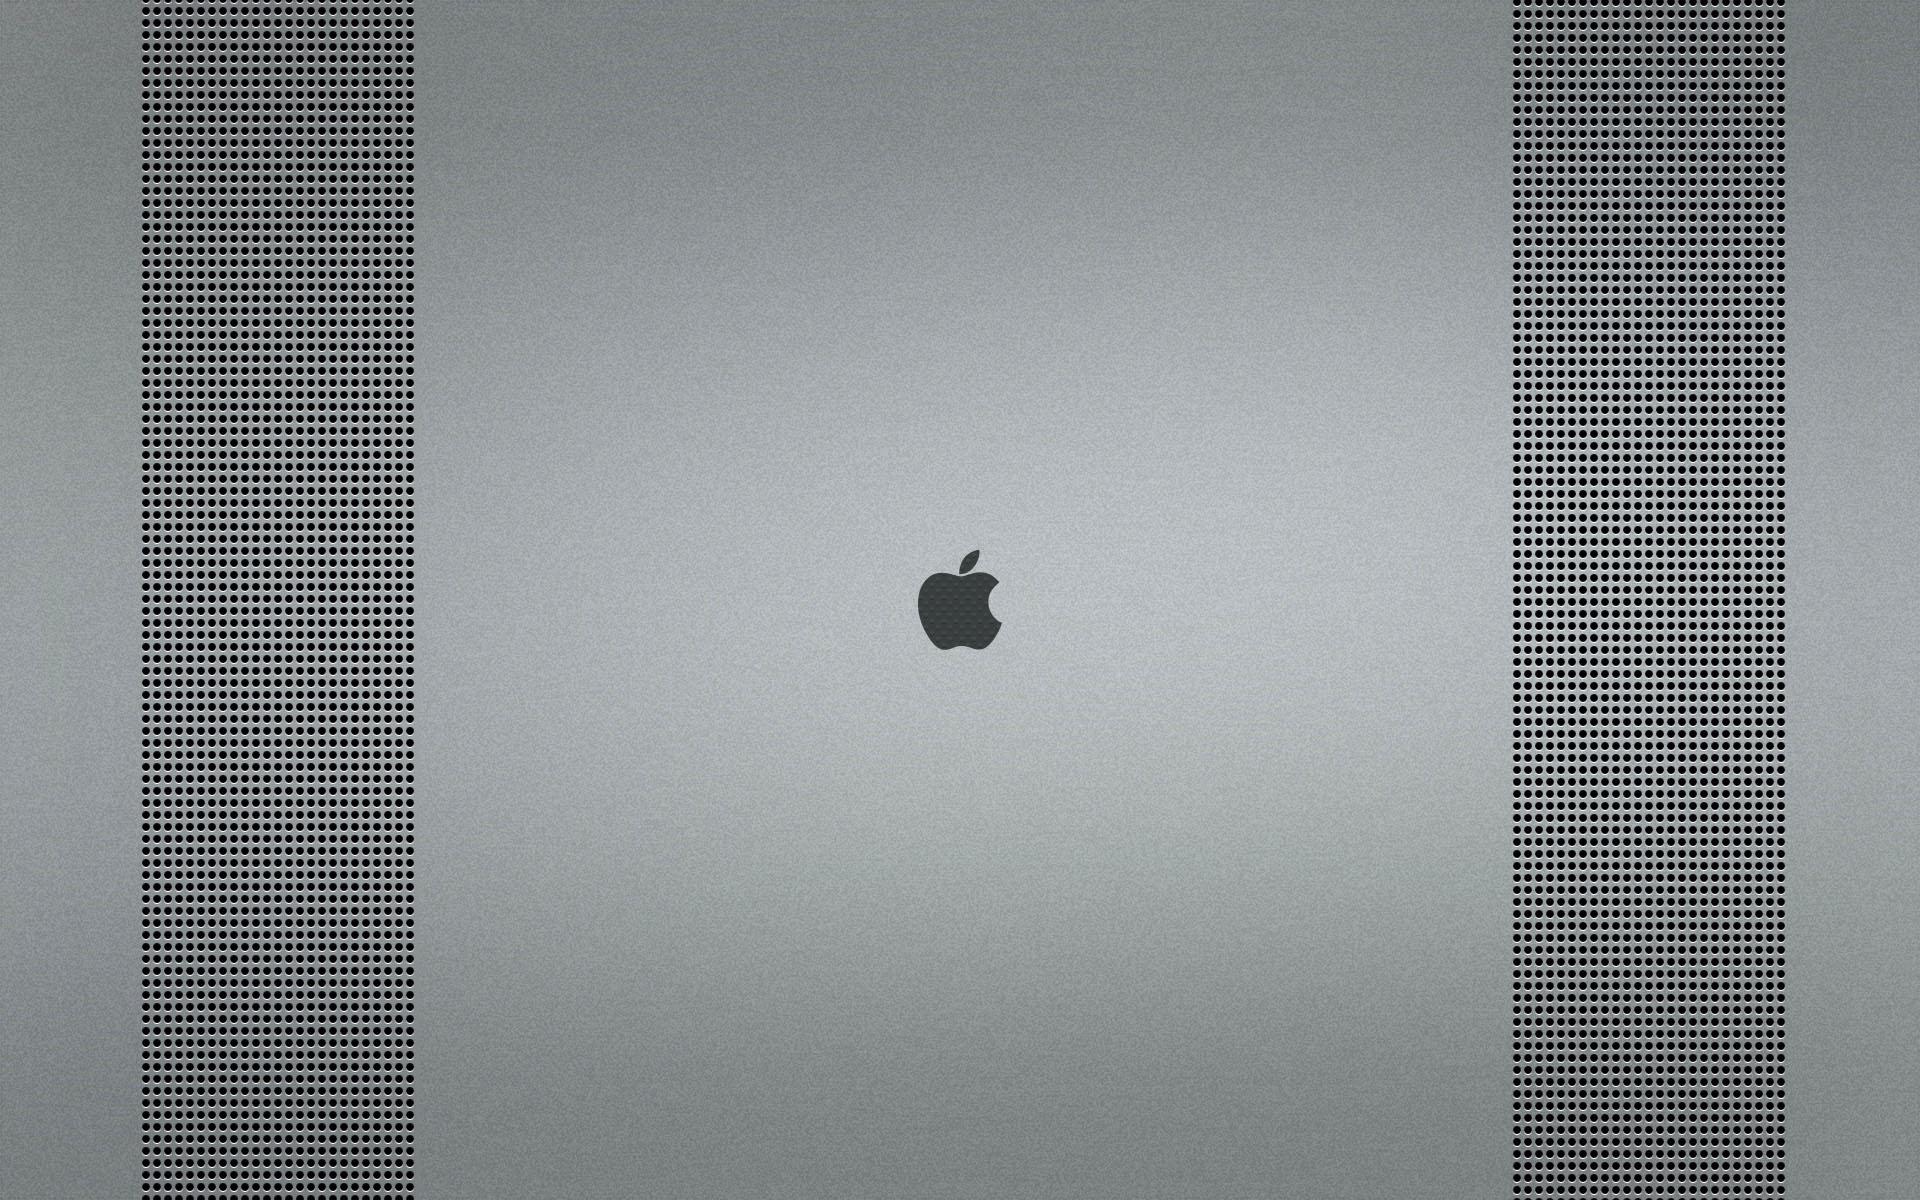 蘋果電腦桌面壁紙_電腦壁紙; apple主題第58輯;  分辨率:1920x1200 像